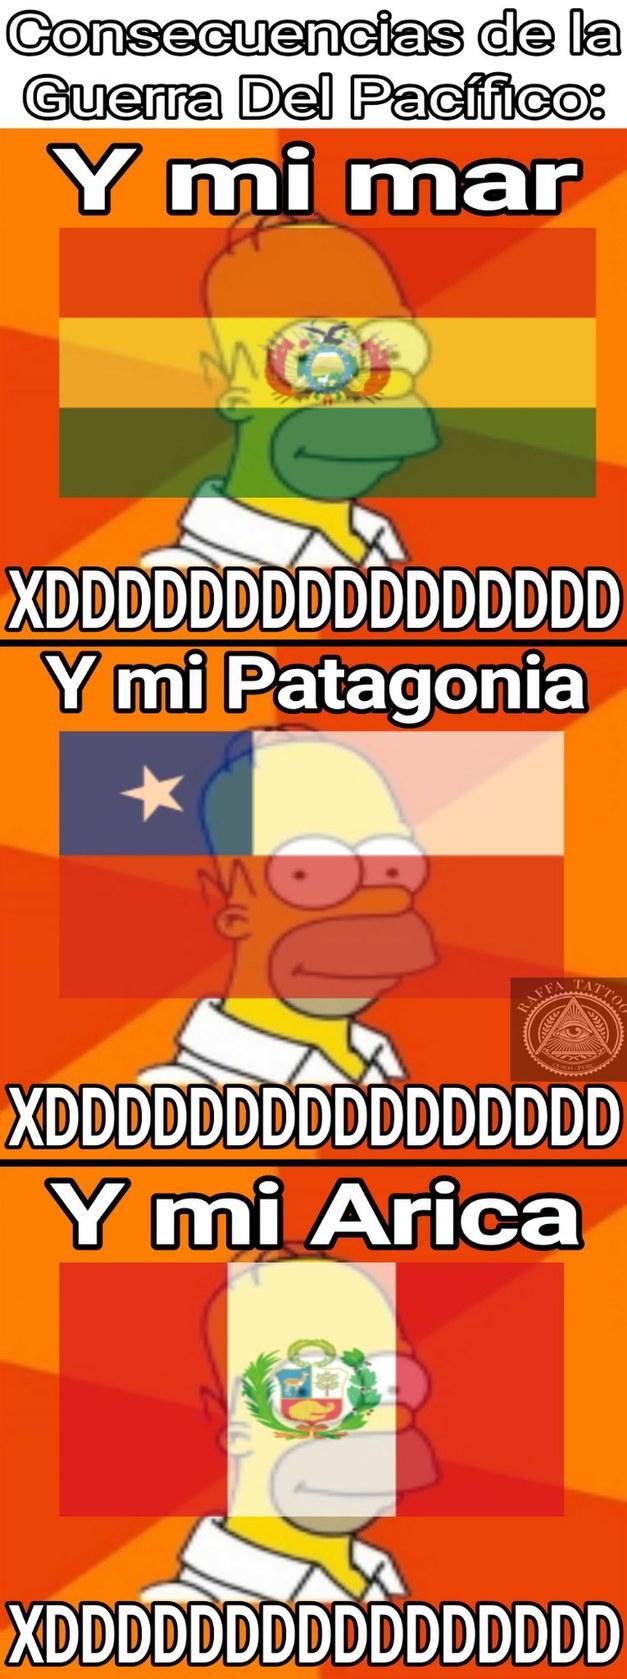 Y mi Arica? XDDDDDDDDDDDDDDDD - meme